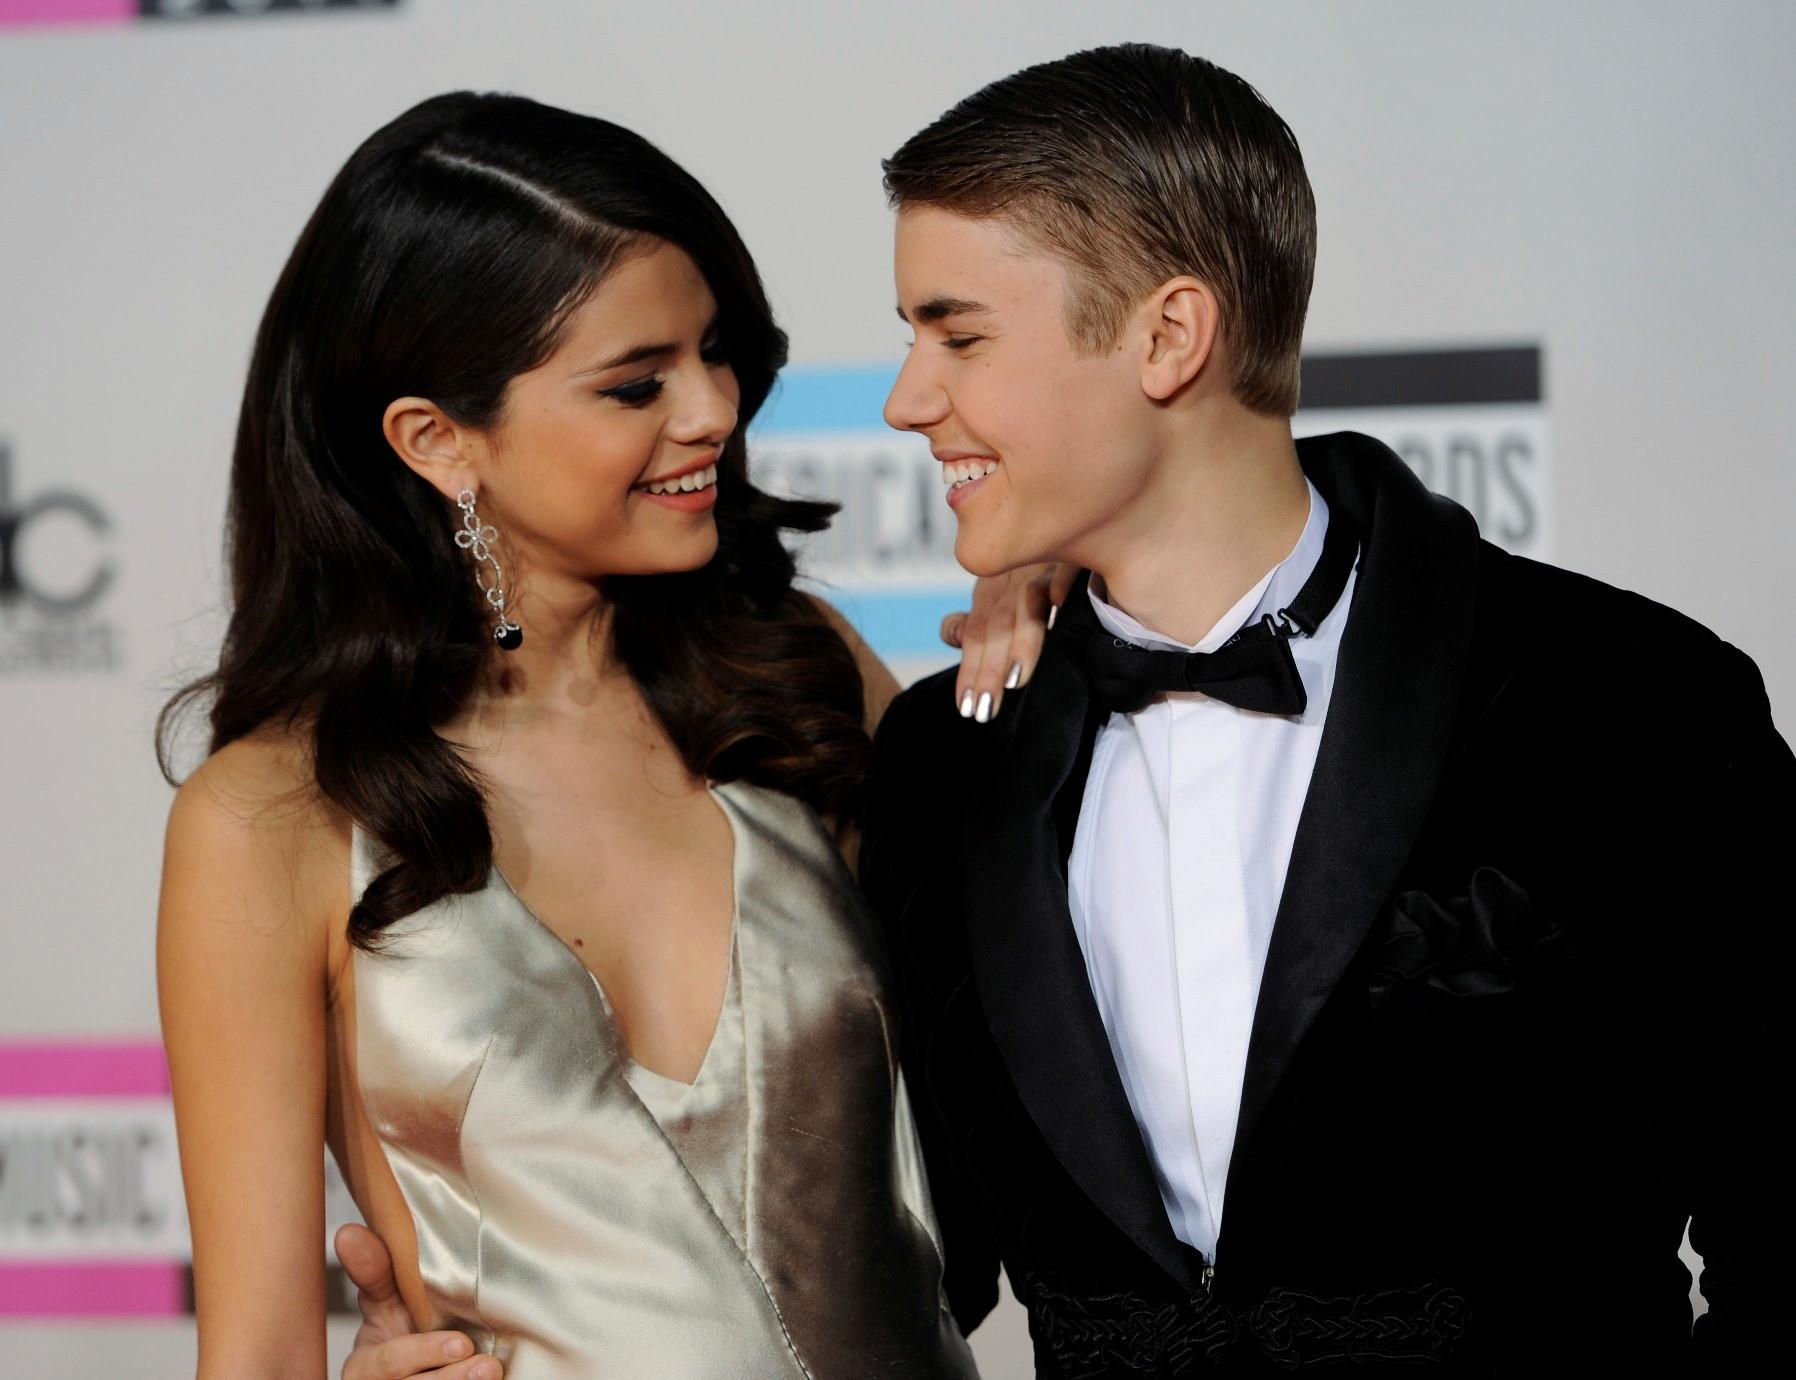 Selena Gomez e Justin Bieber formam o casal mais curtido da histria do Instagram (Foto: Chris Pizzello/Invision/AP)